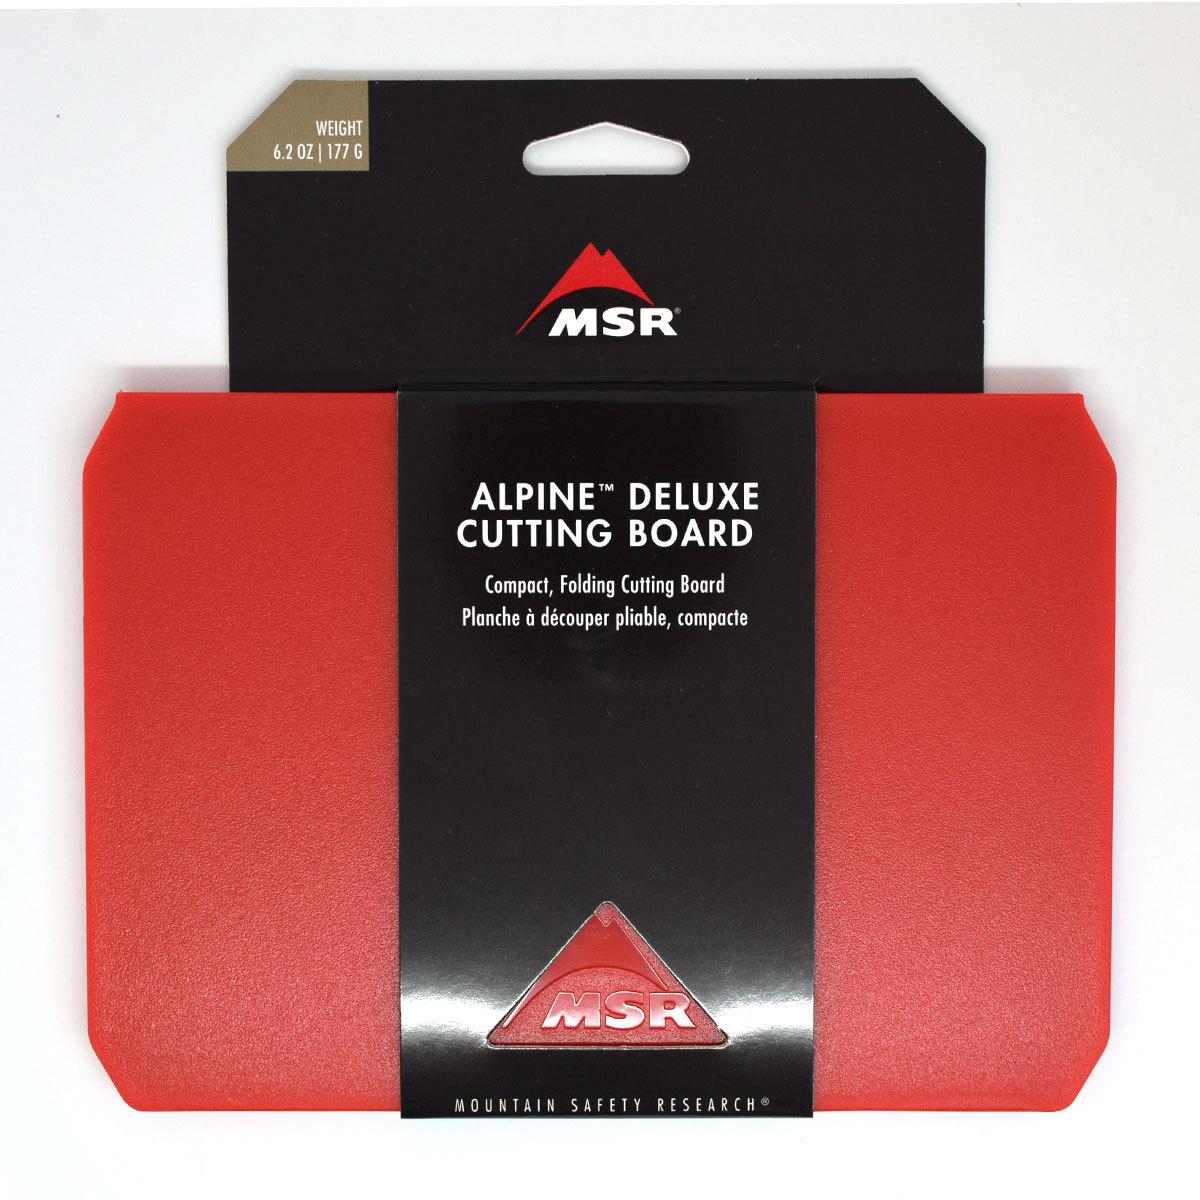 MSR ALPINE DX CUTTING BOARD アルパインDXカッティングボード